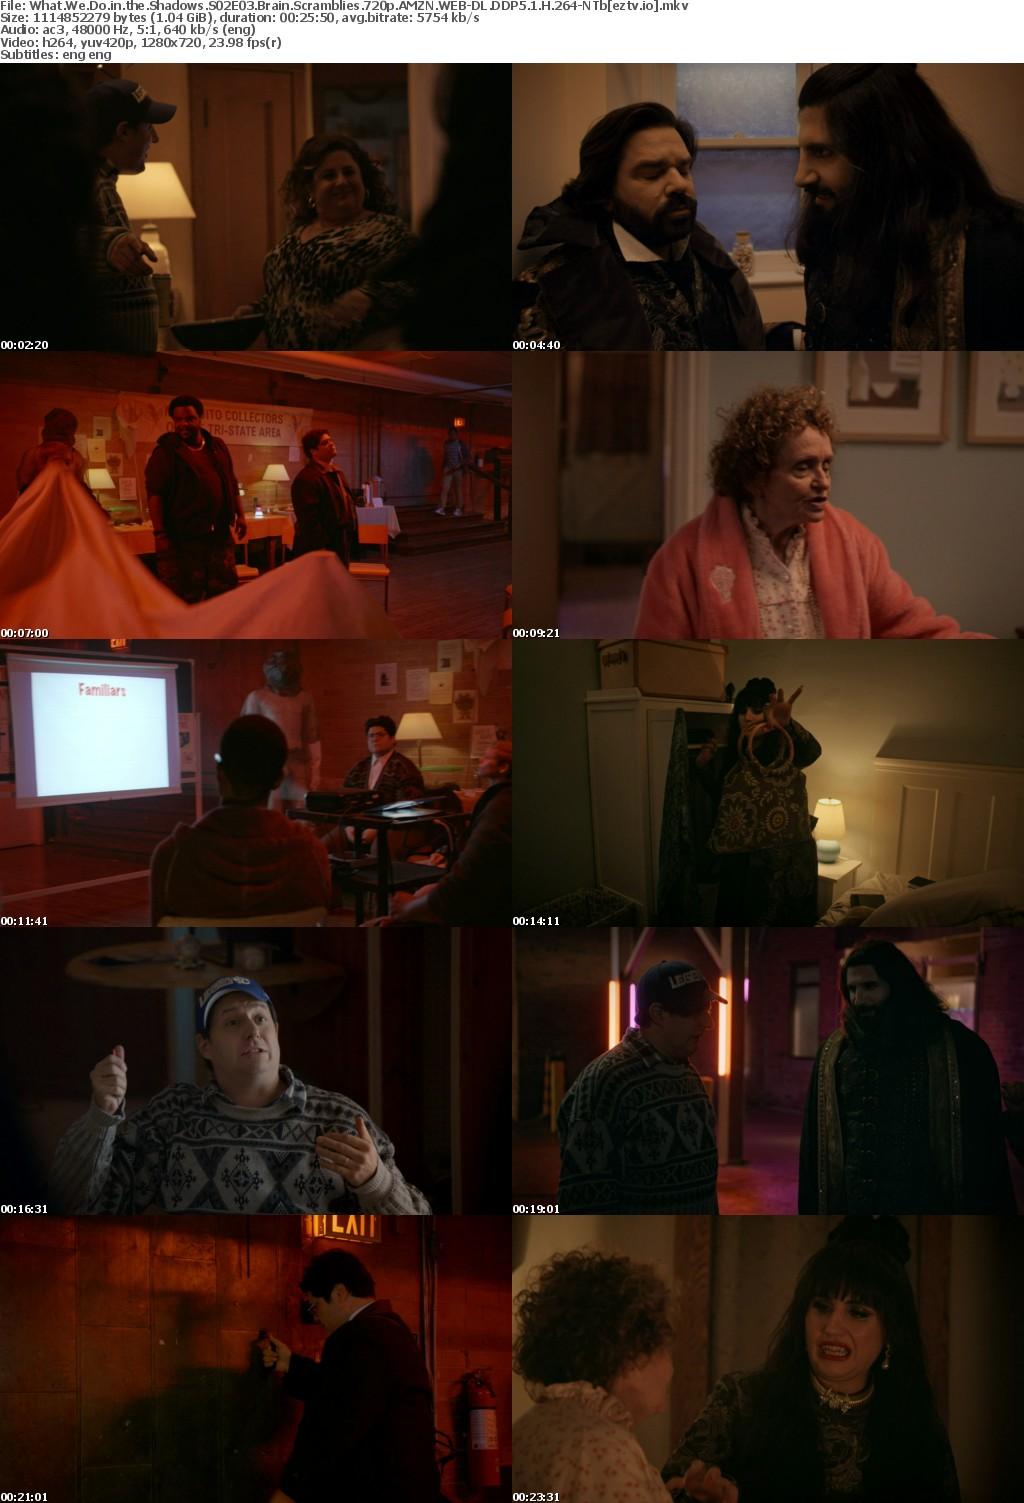 What We Do in the Shadows S02E03 Brain Scramblies 720p AMZN WEB-DL DDP5 1 H 264-NTb